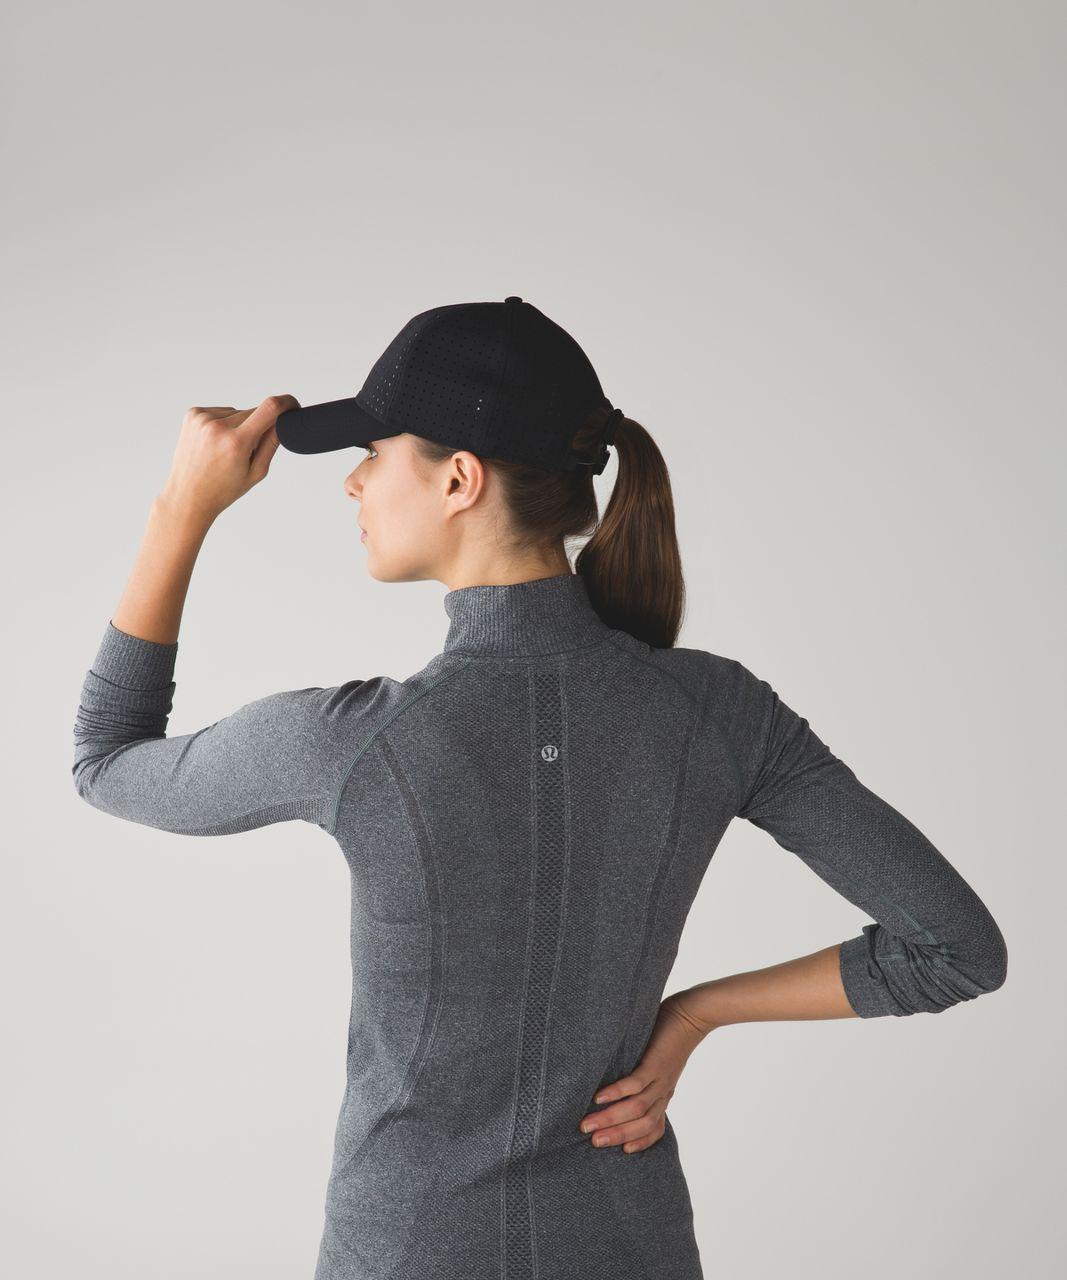 Lululemon Baller Hat - Black / Black (Mesh)